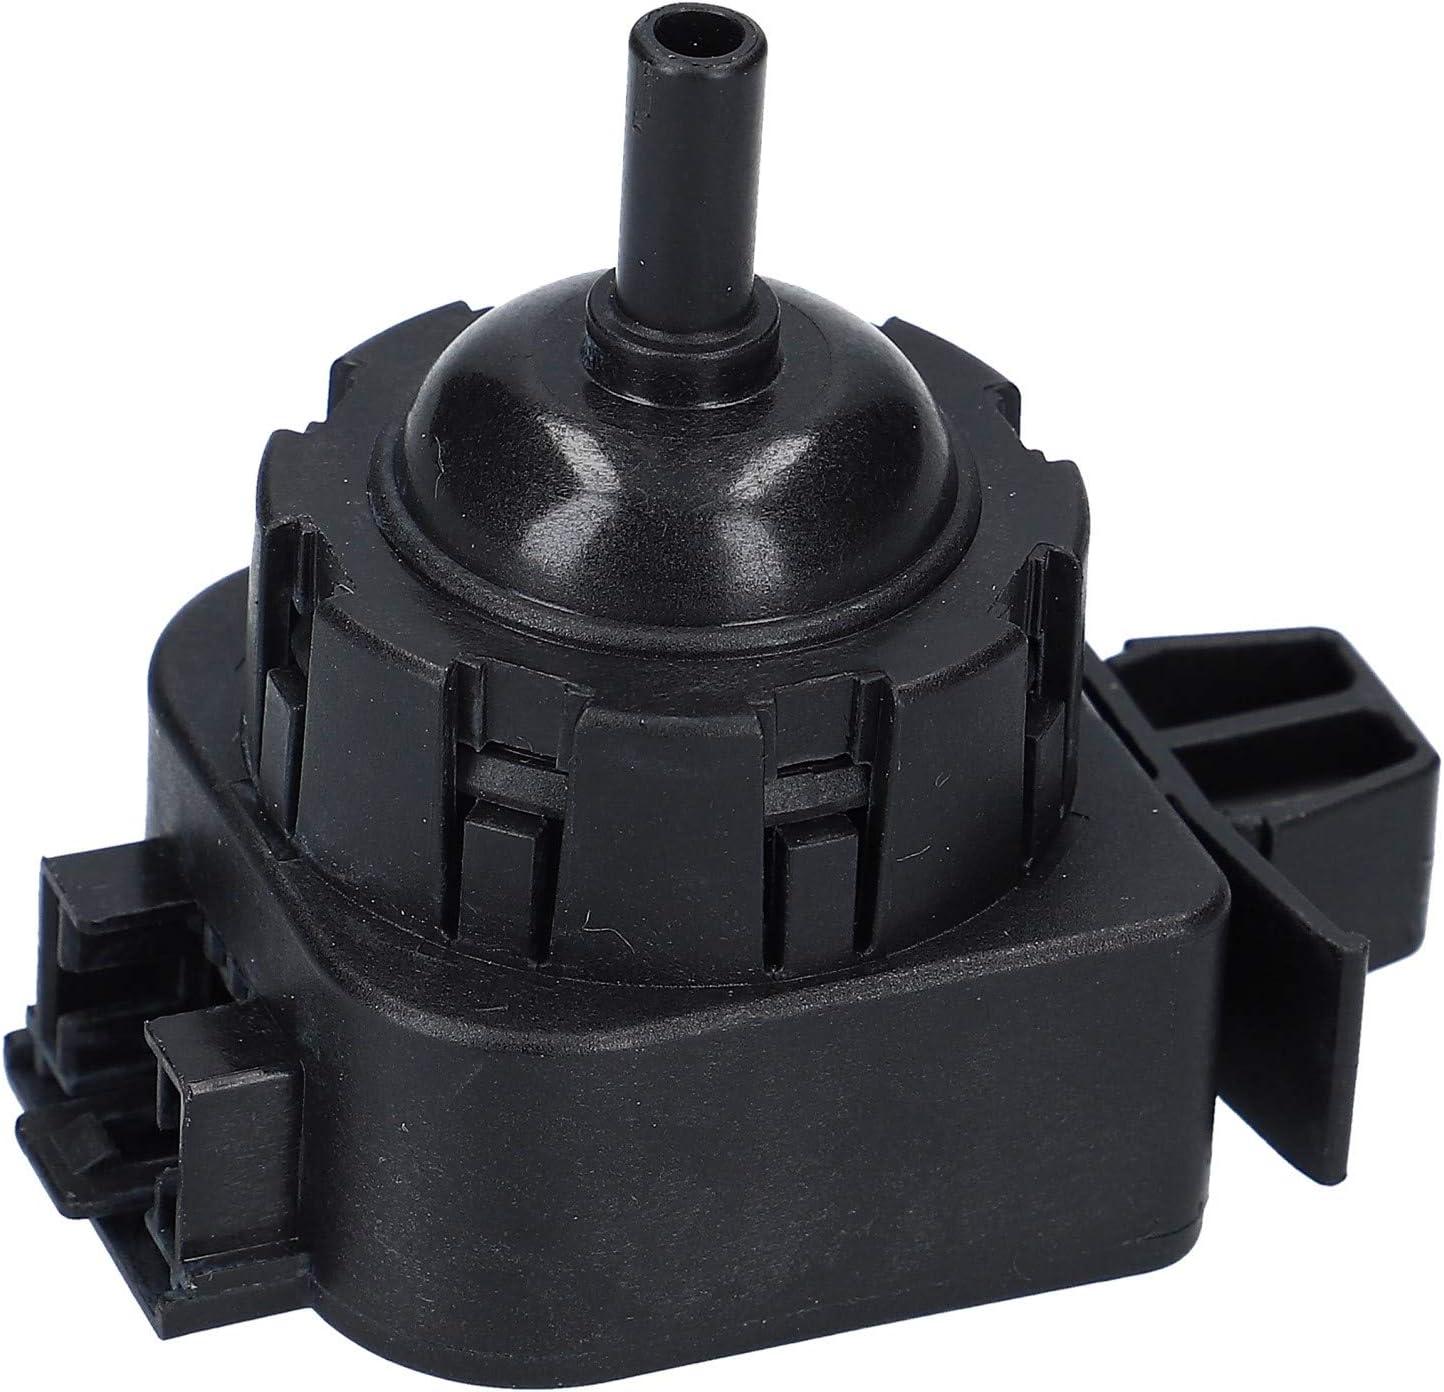 LUTH Premium Profi Parts Presostato AEG 379221604/0 Alternativo Sensor analógico para Lavadora Lavavajillas